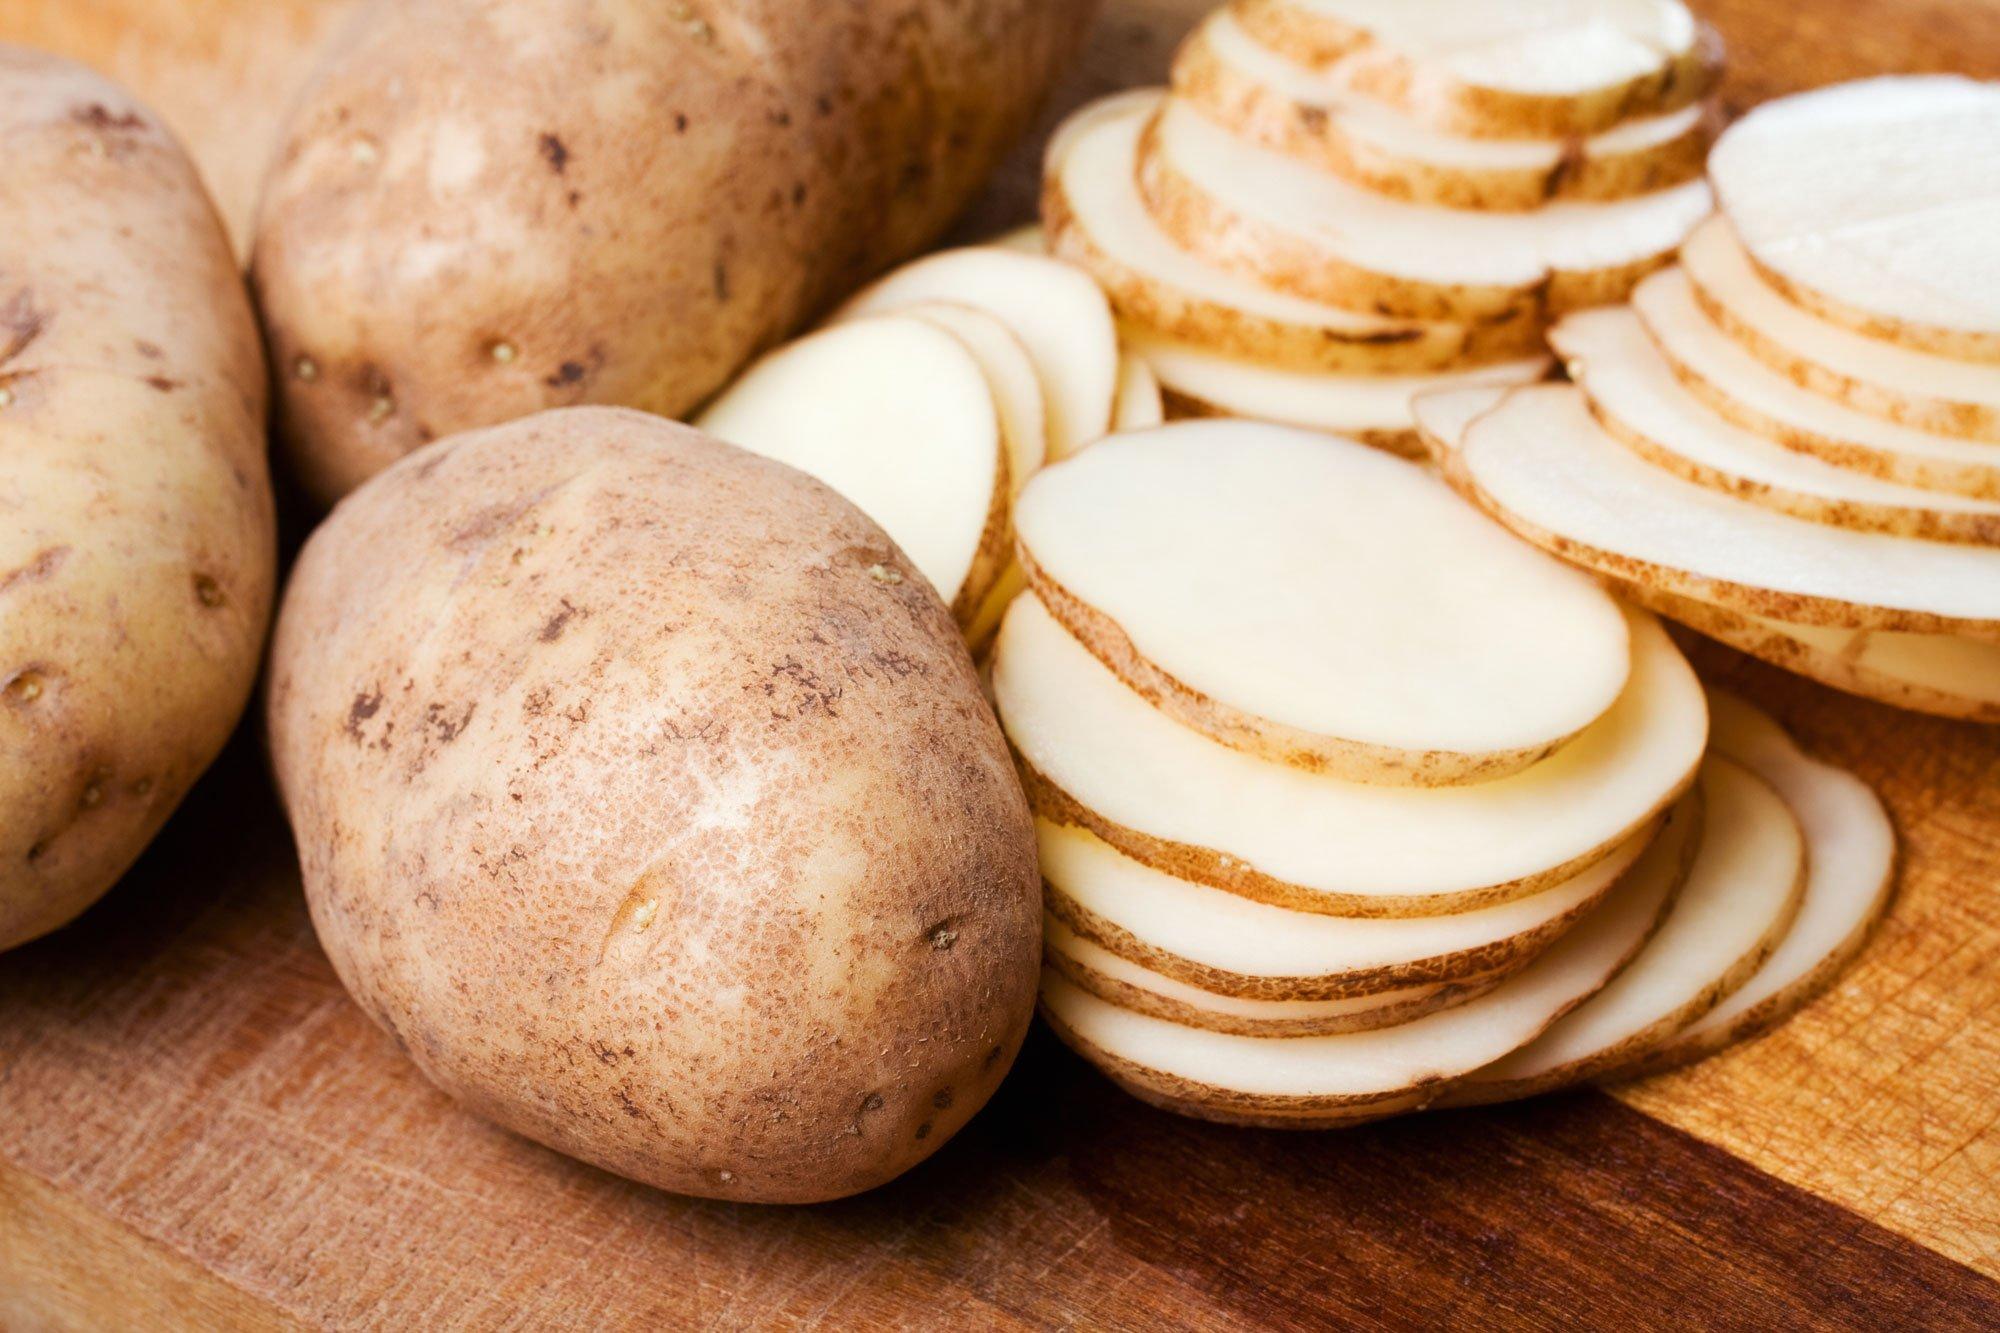 proprietà-nutrizionali-patate